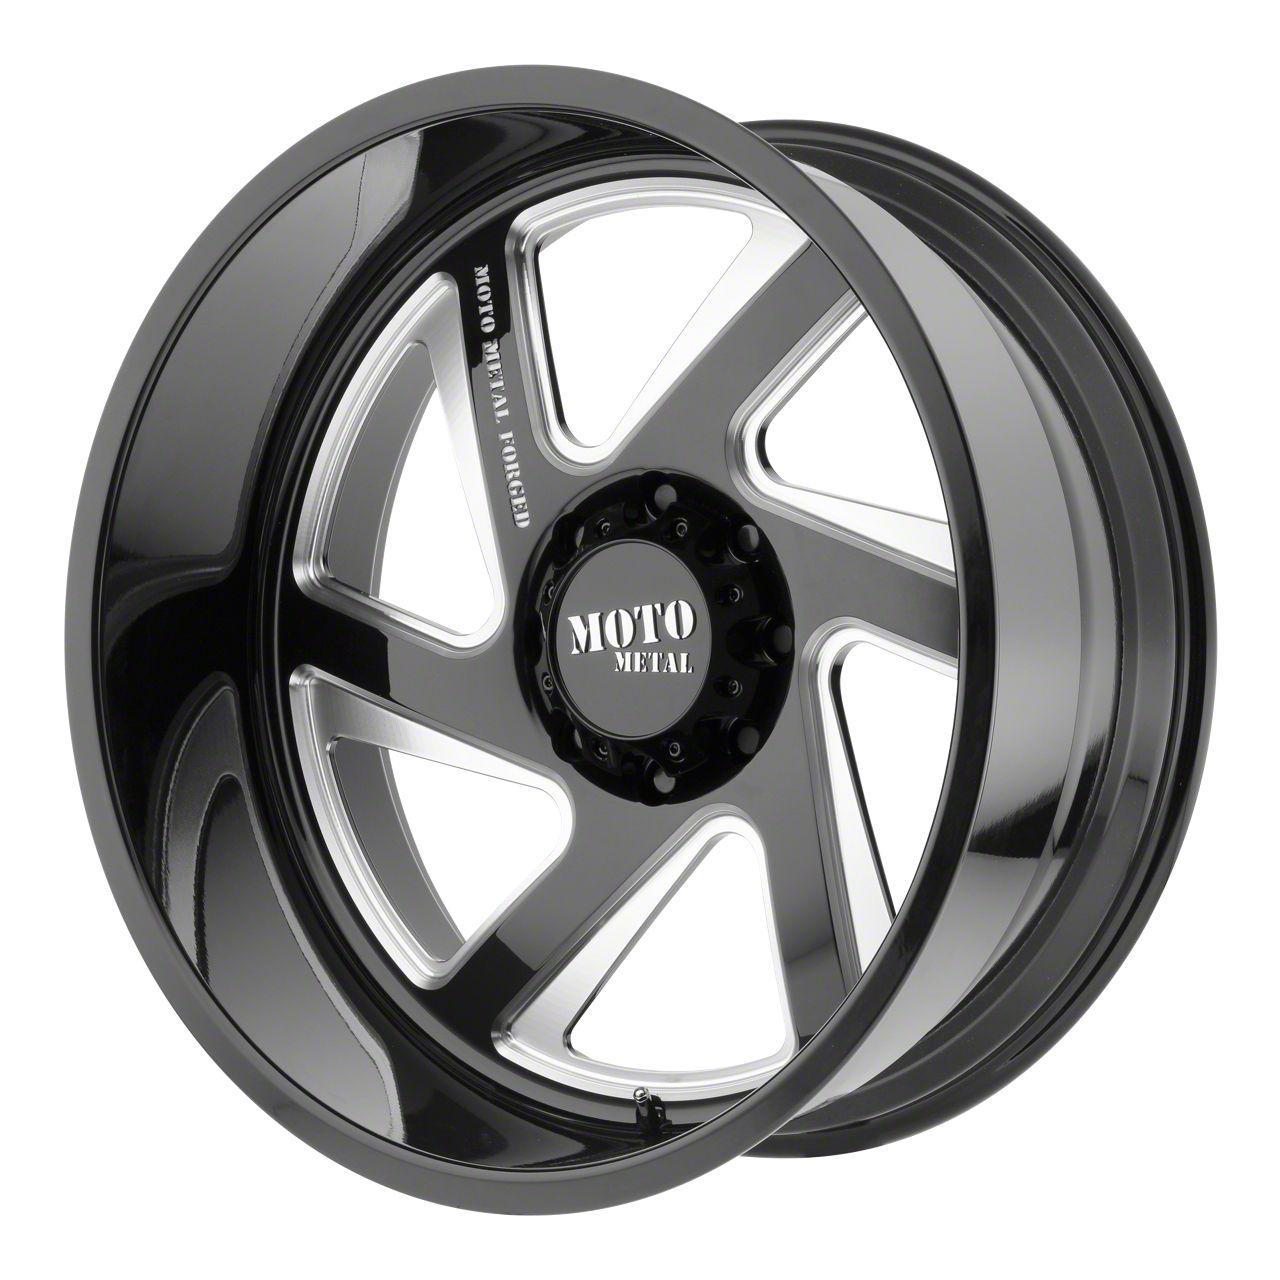 Moto Metal MO400 Gloss Black Milled 6-Lug Wheel - Driver Side - 22x12 (99-19 Silverado 1500)